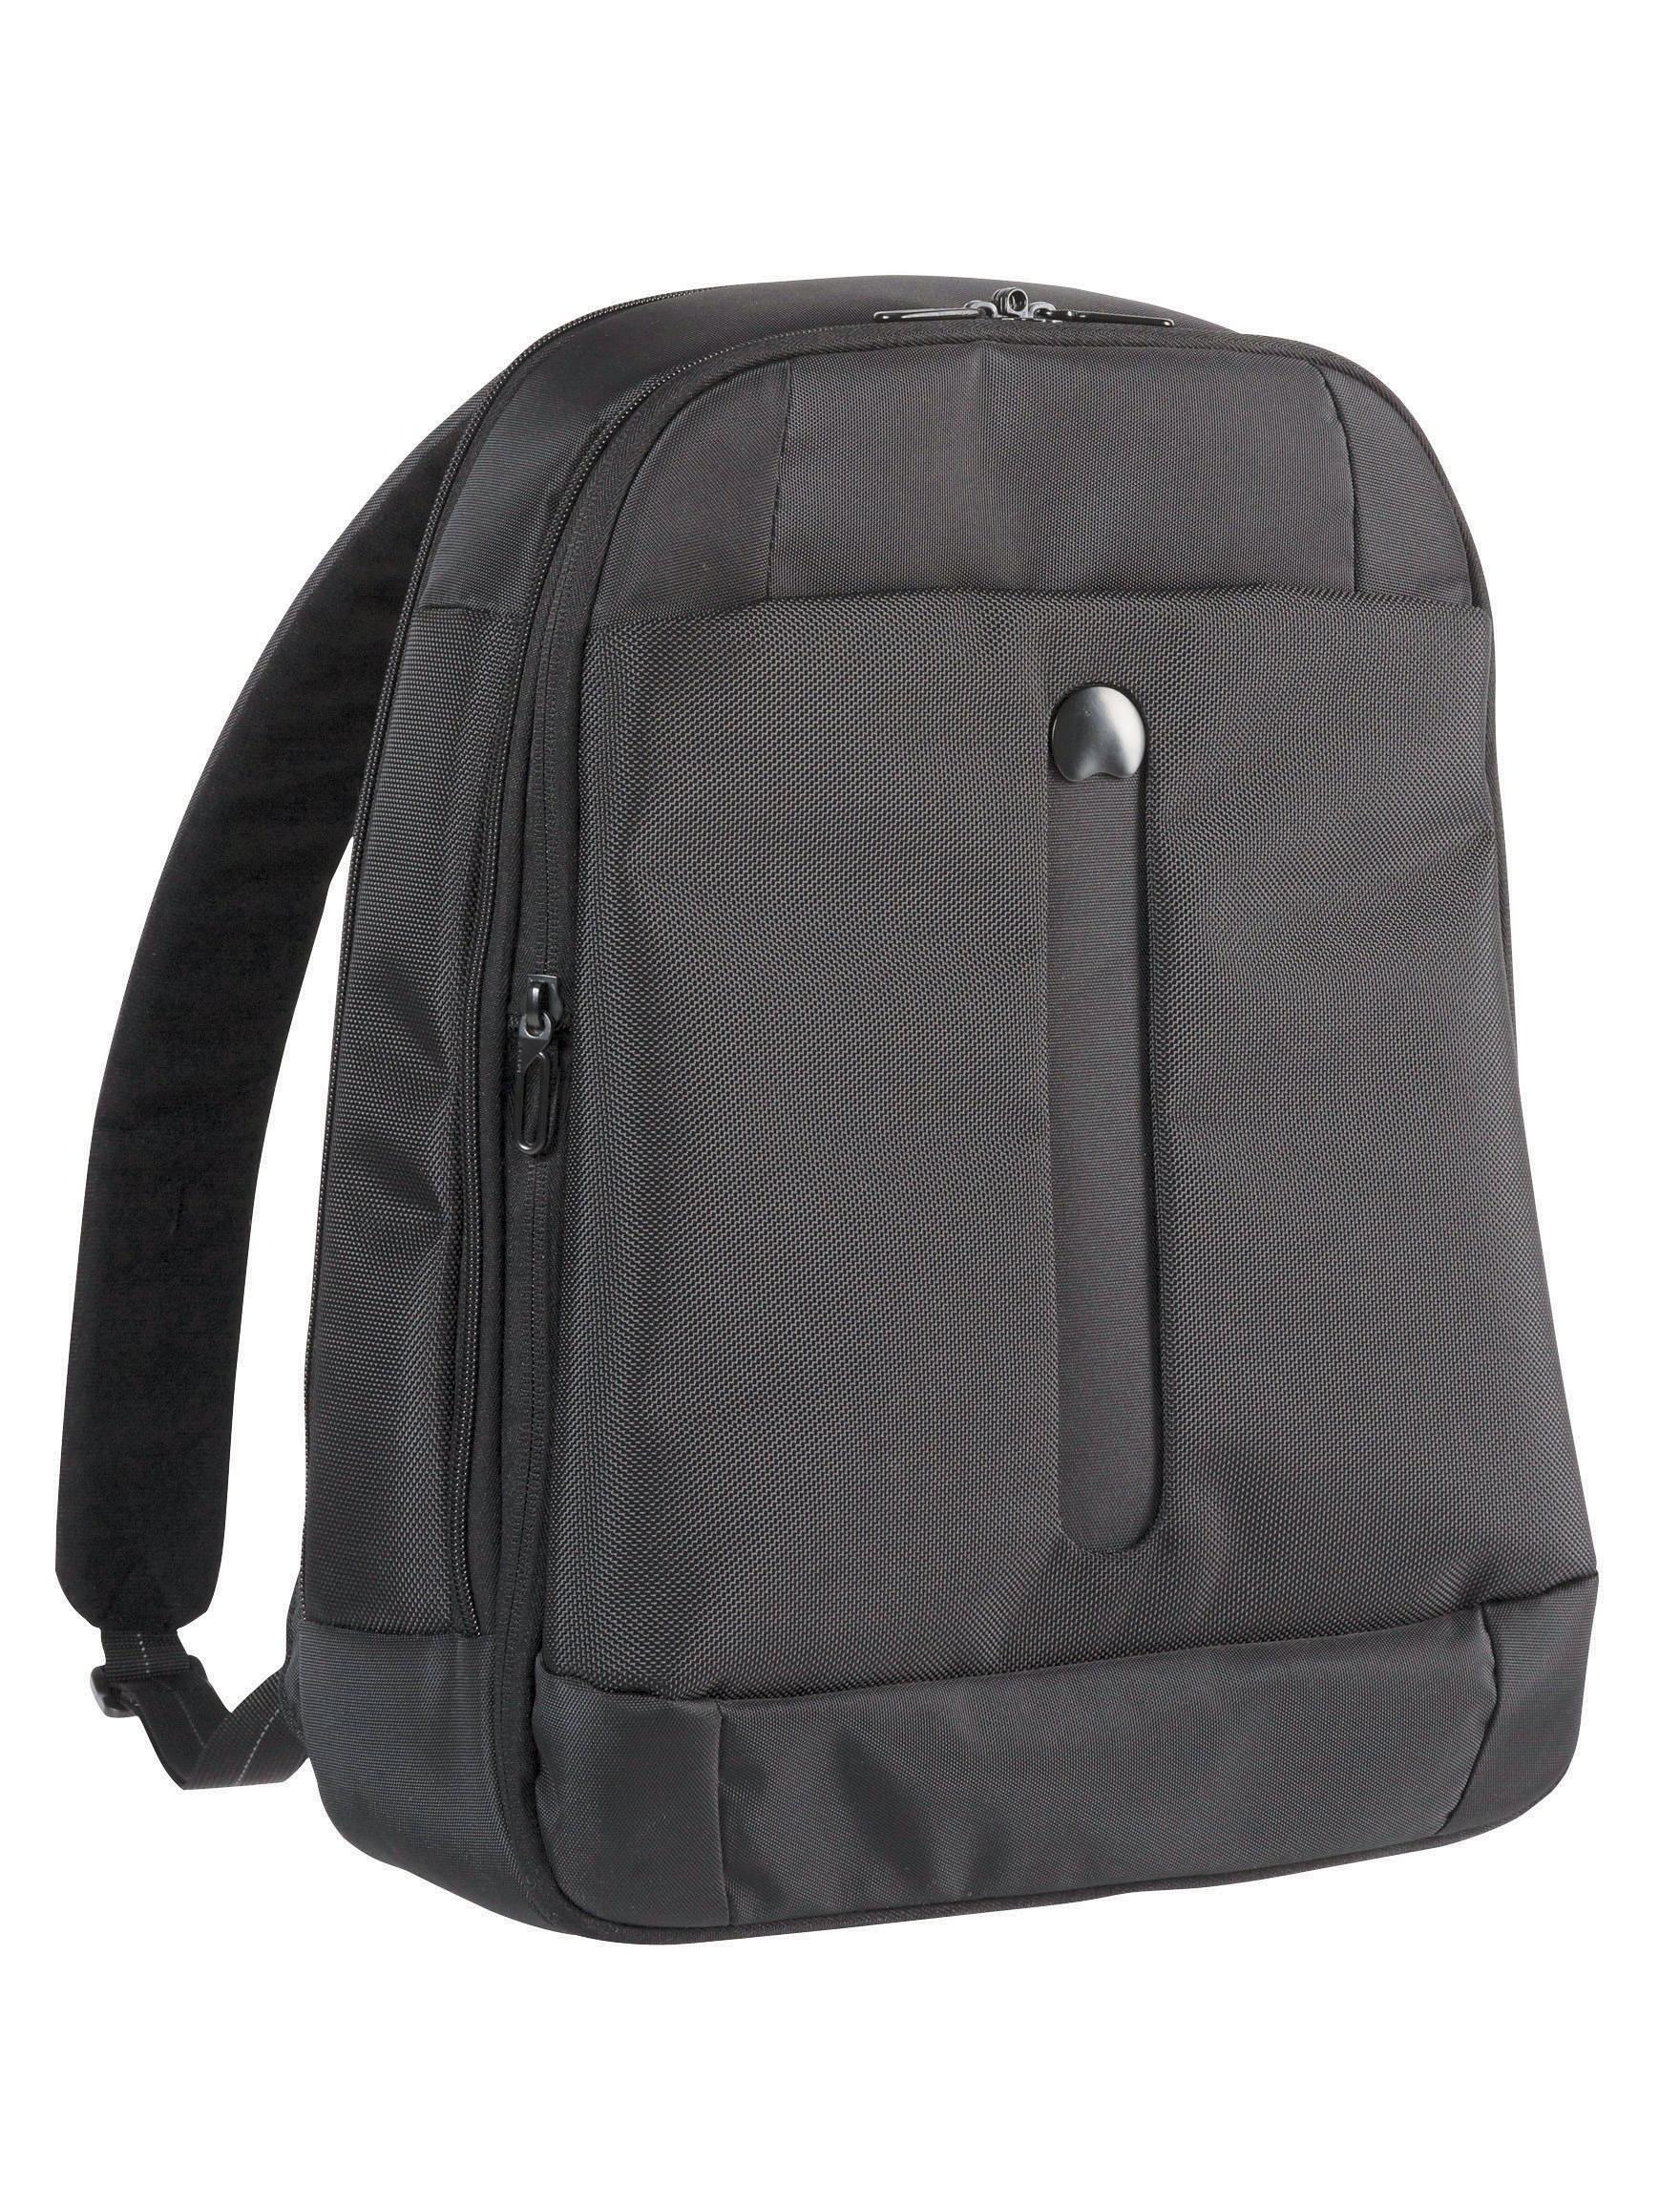 Schoudertas Met Laptopvak 15 6 Inch : Delsey rugzak met zacht verdikt inch laptopvak